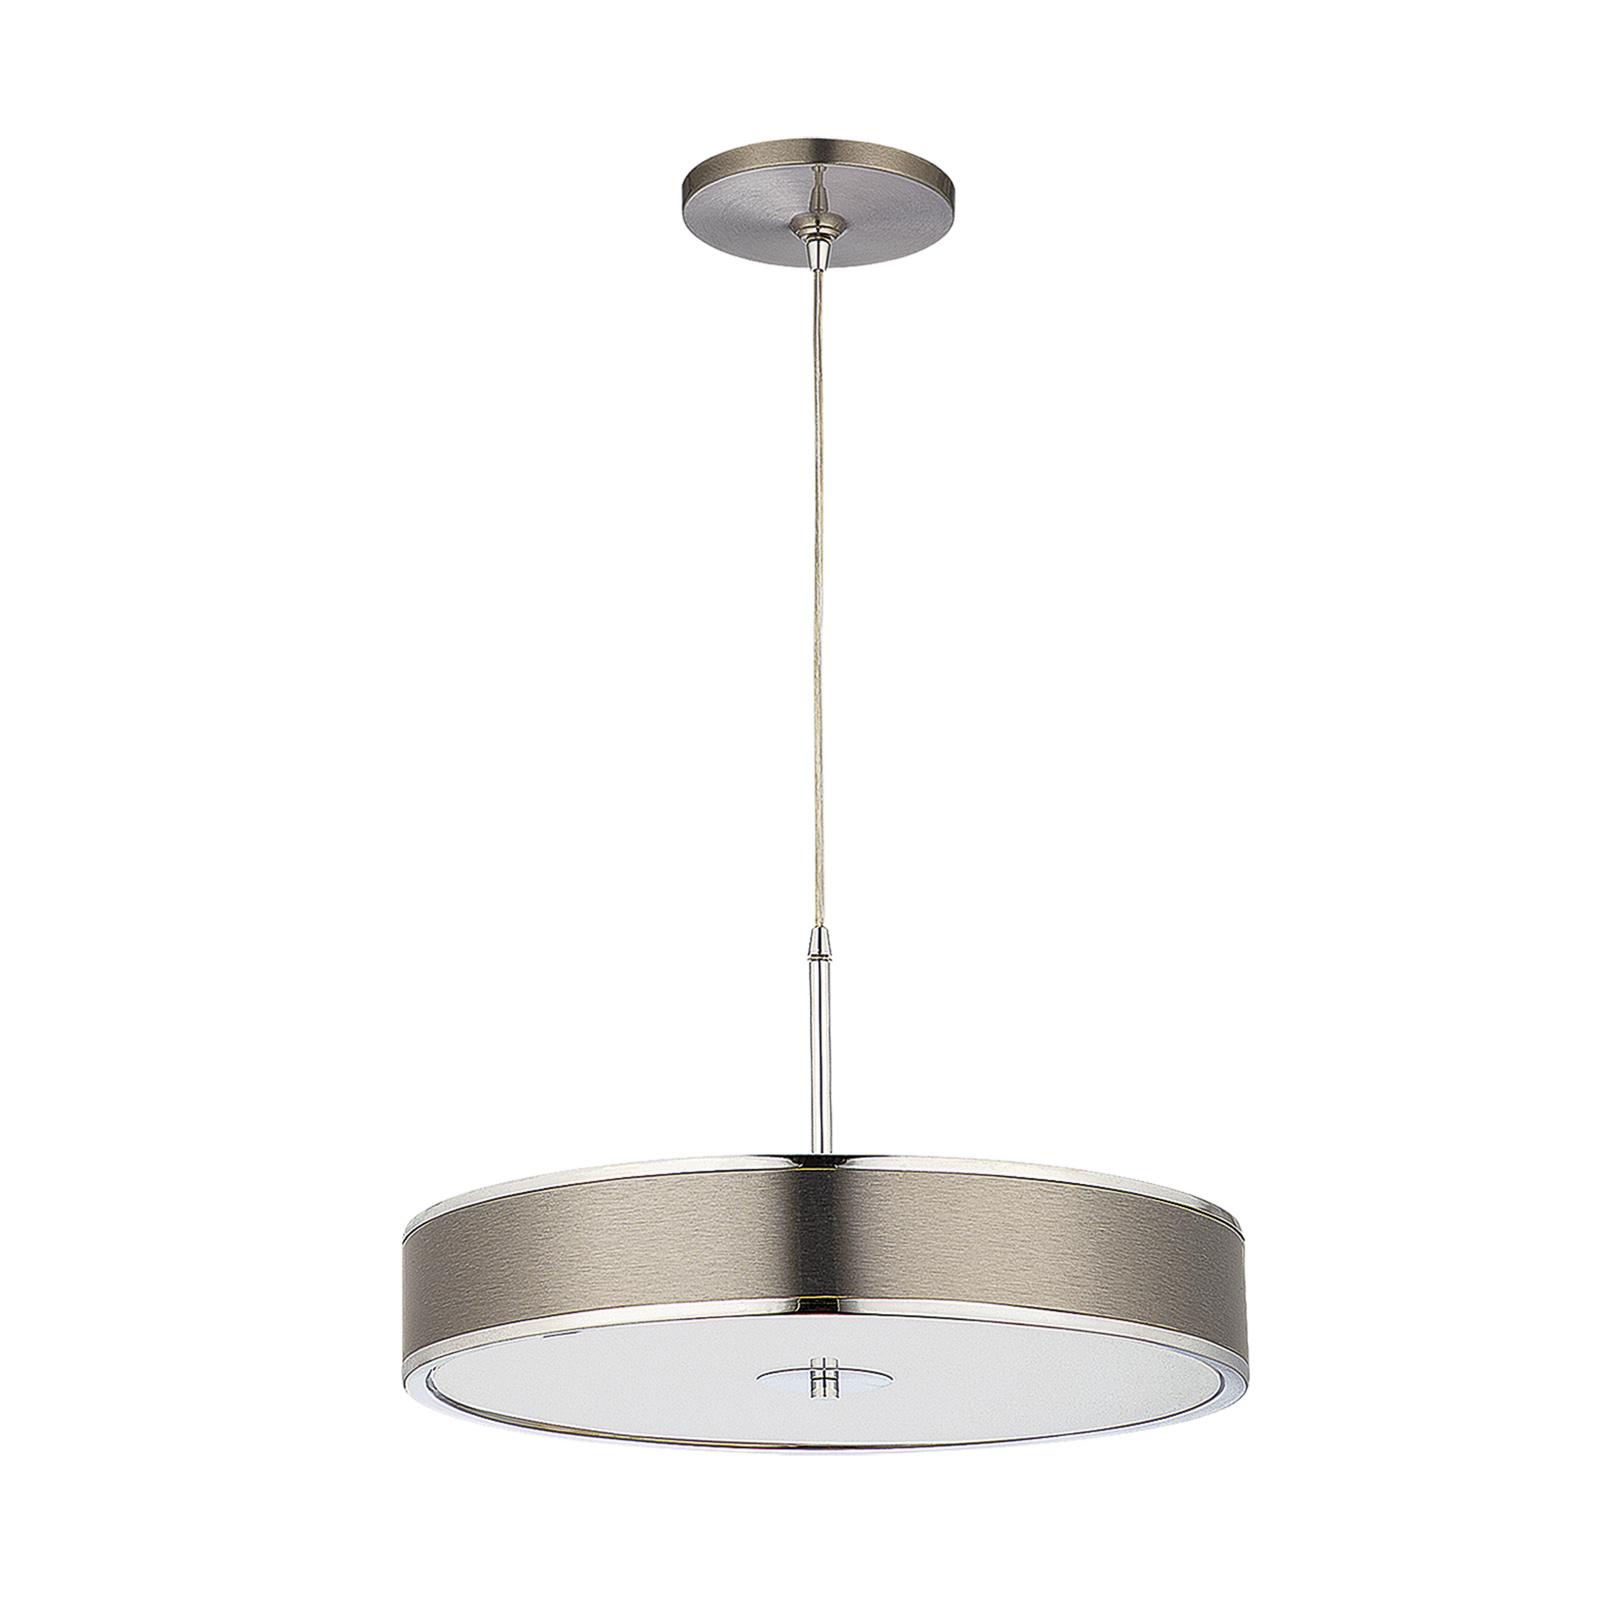 Lampa wisząca Riga, chrom Ø 48 cm